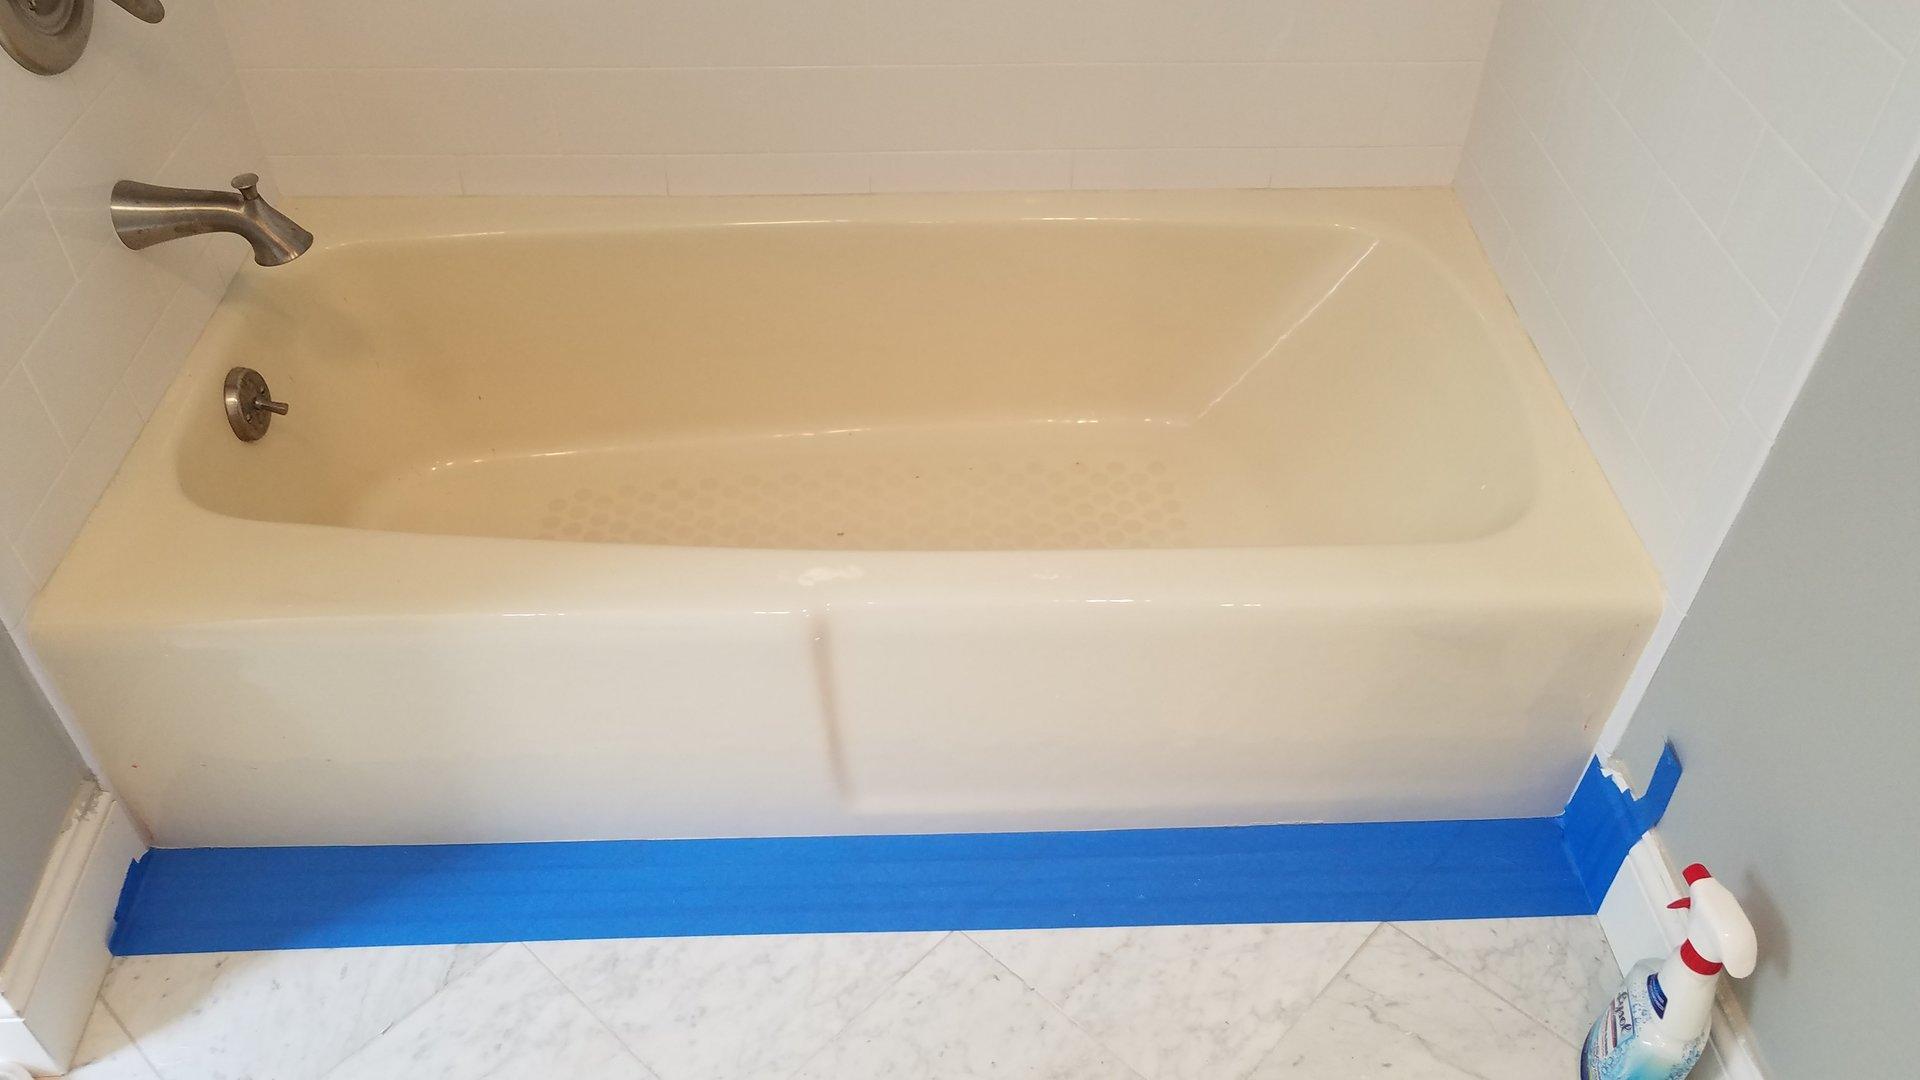 Tub Technique image 5